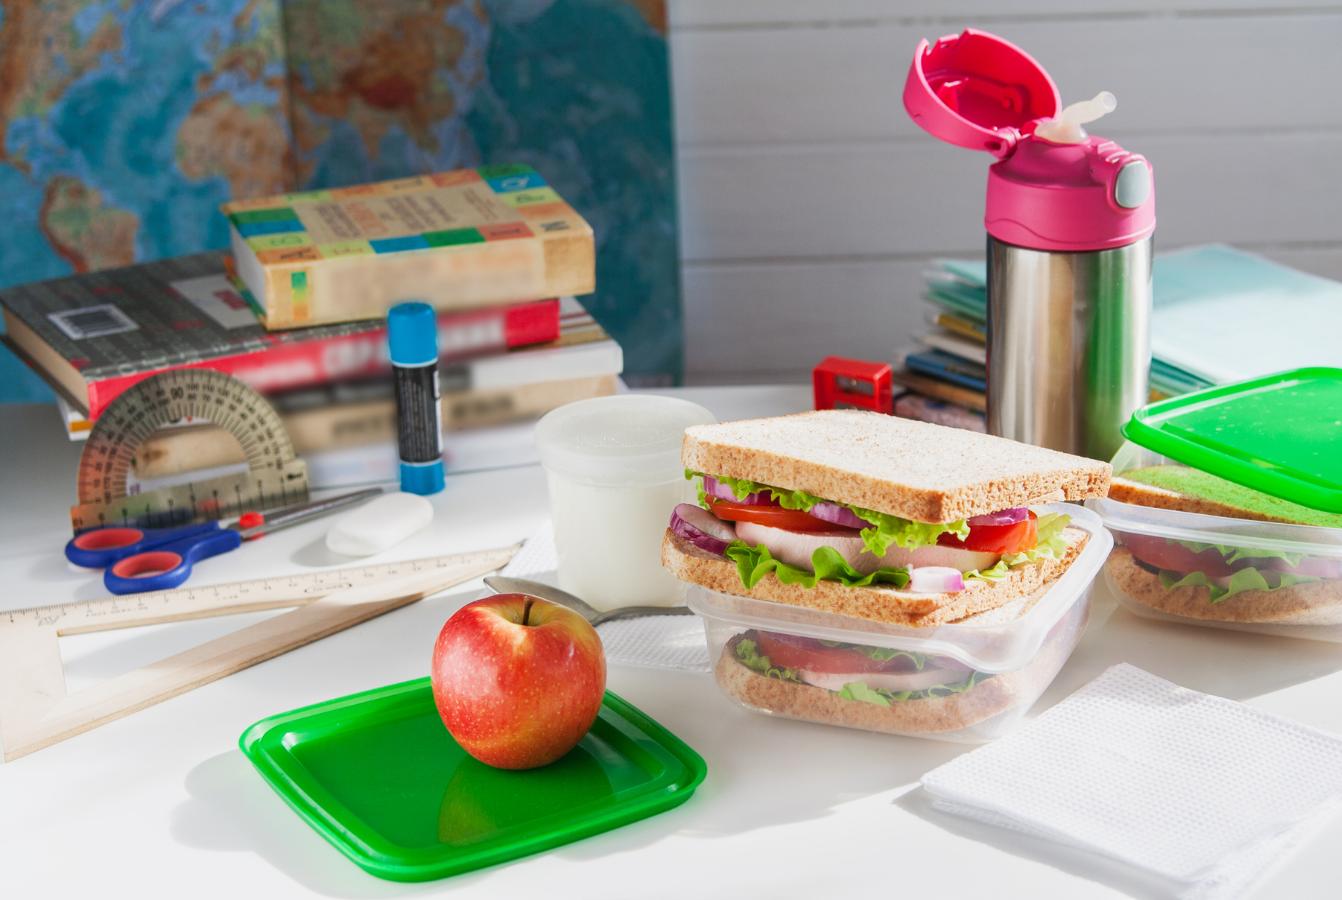 Odpowiednie odżywianie dzieci i mlodzieży, czyli co i dlaczego warto zapakować do szkolnego plecaka?